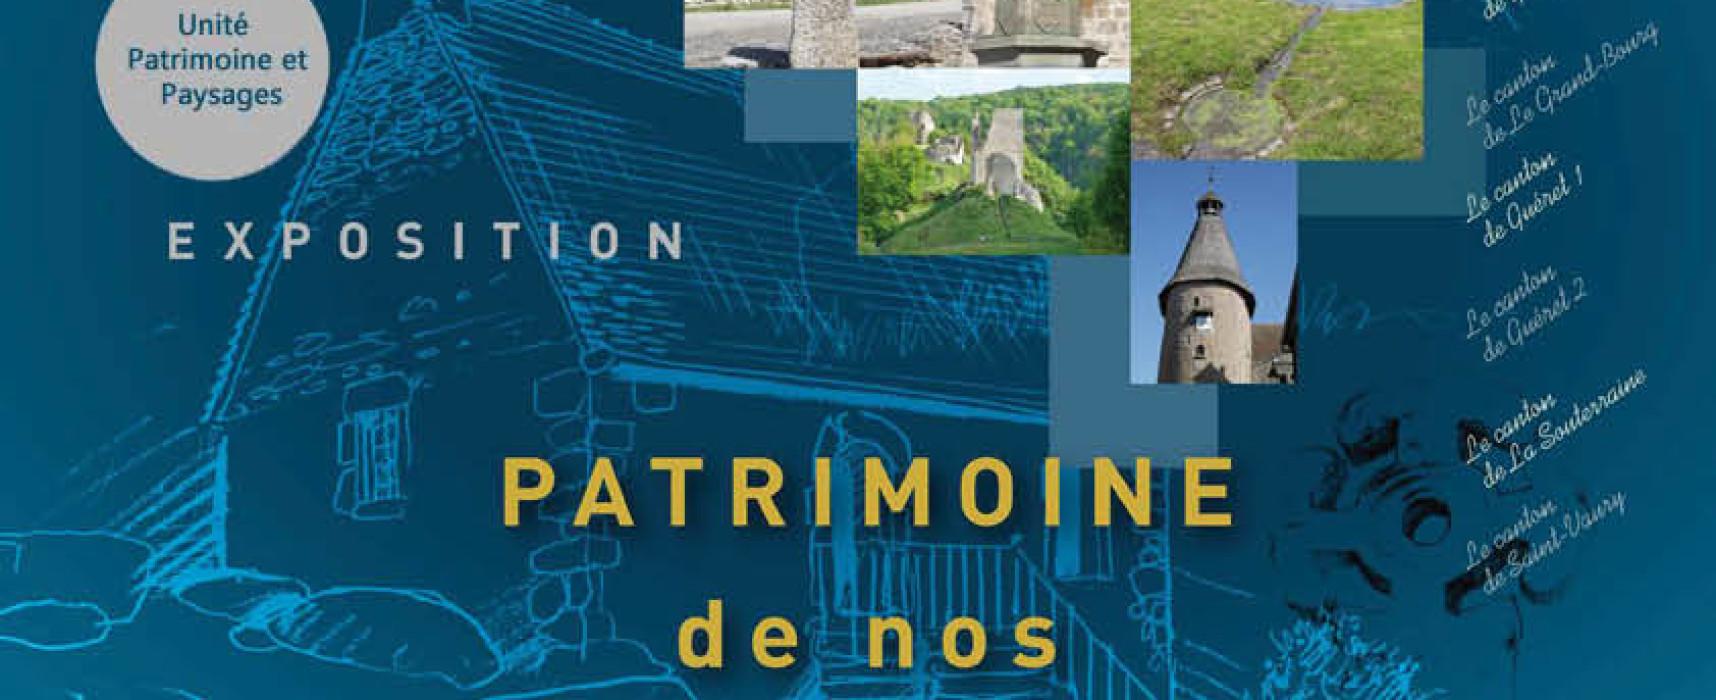 Saint-Amand, une exposition pour redécouvrir le patrimoine de la campagne creusoise